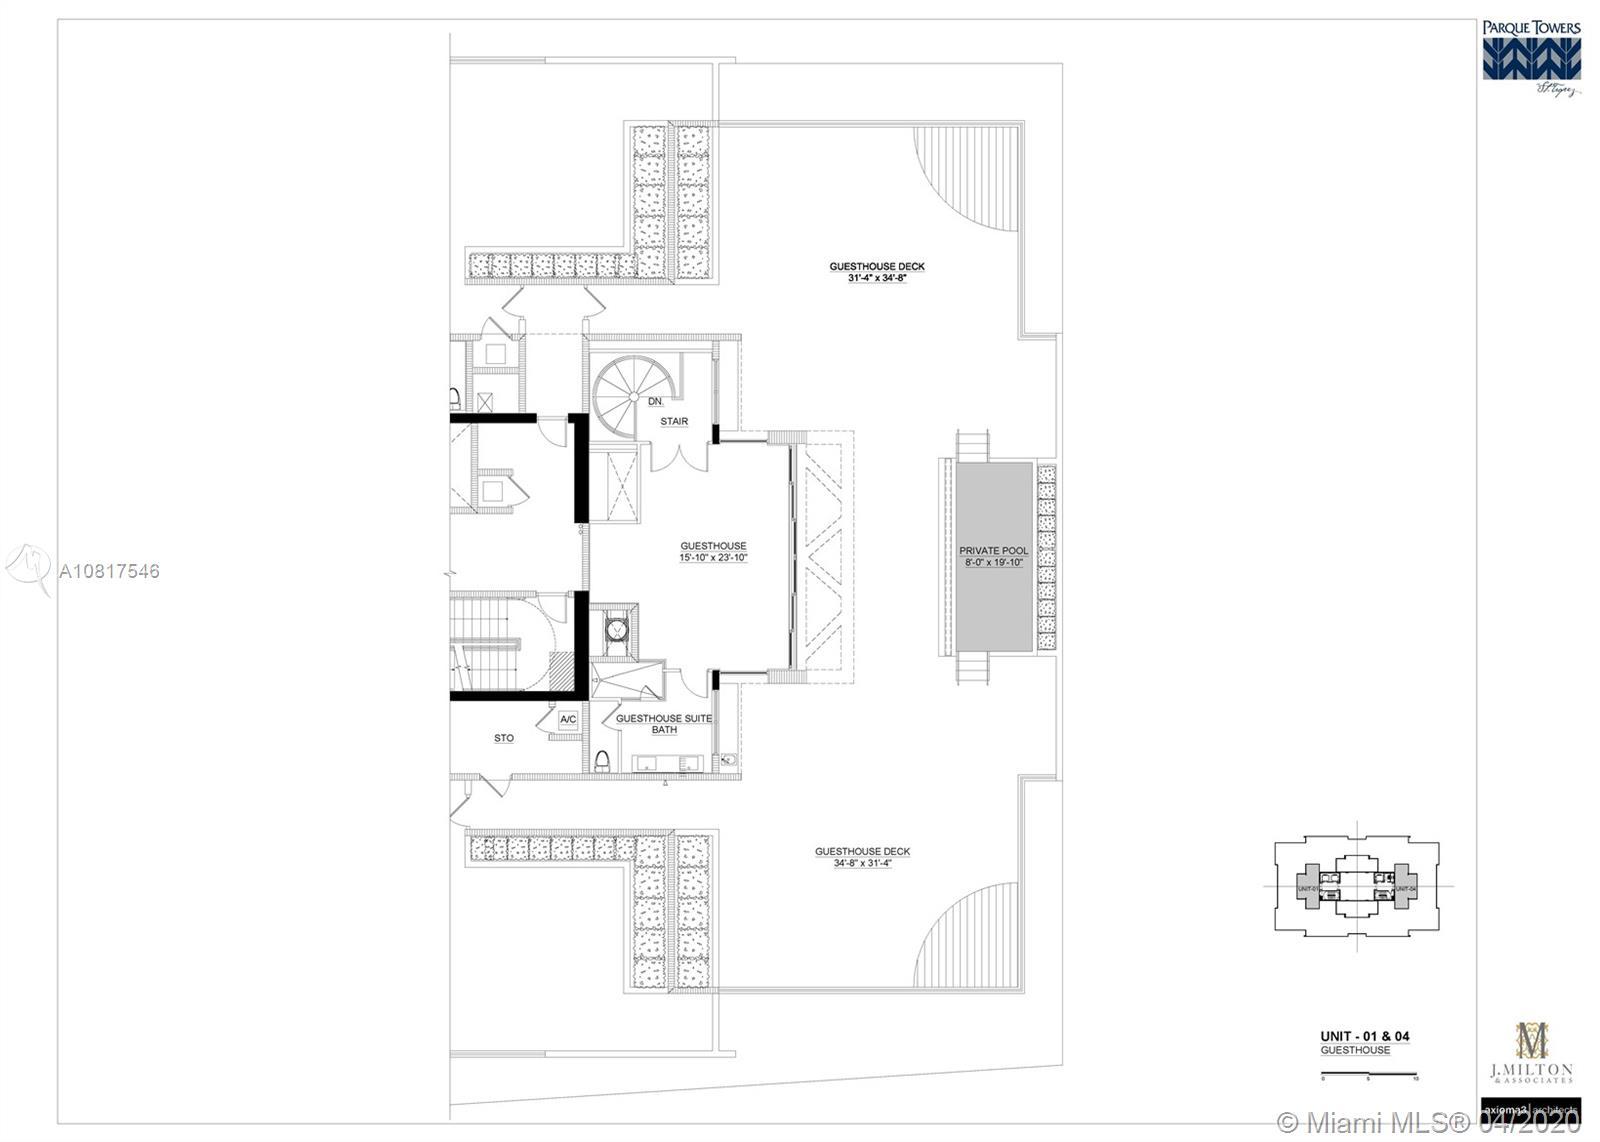 Property 300 Sunny Isles BLVD #TS1 image 56